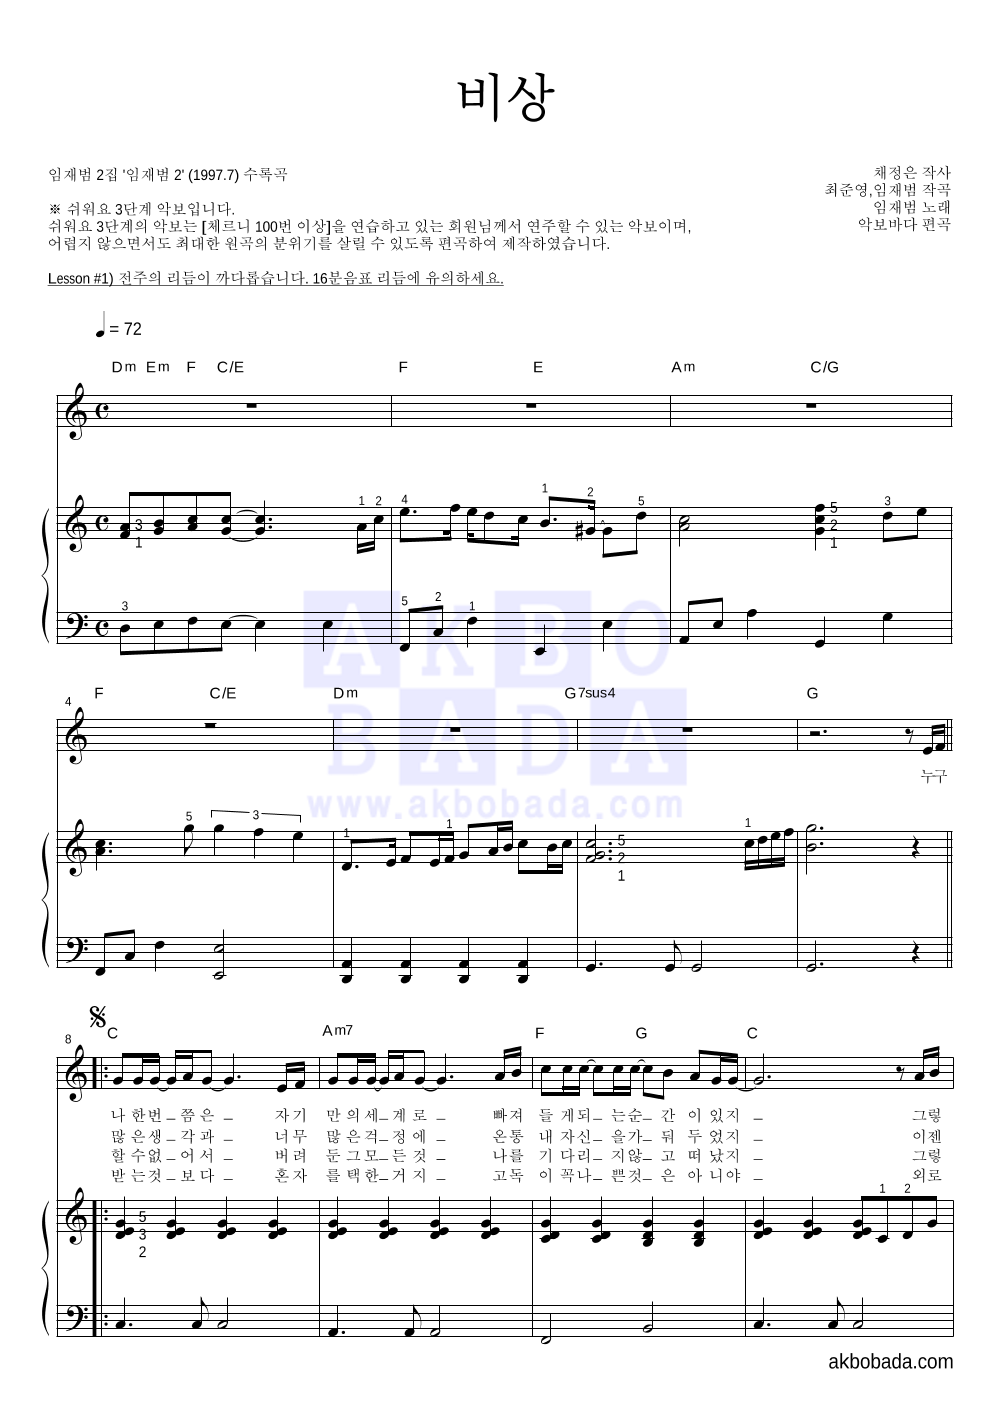 임재범 - 비상 피아노3단-쉬워요 악보